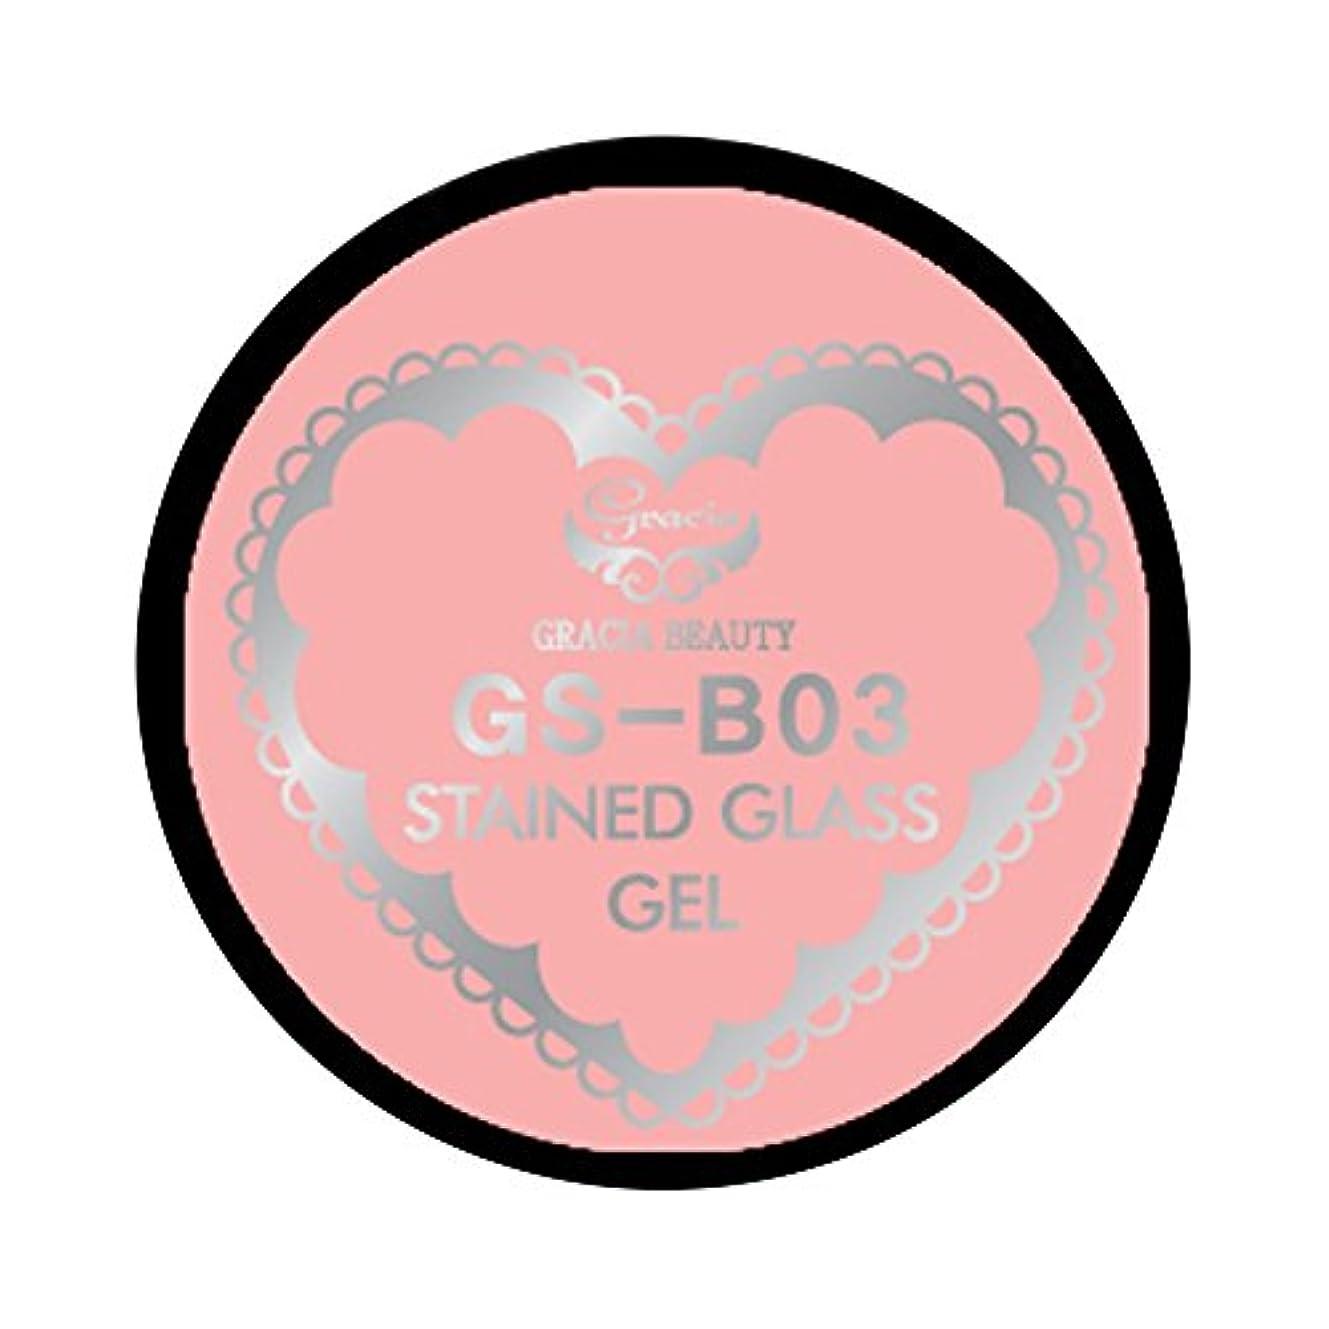 悲鳴望まない不安グラシア ジェルネイル ステンドグラスジェル GSM-B03 3g  ベーシック UV/LED対応 カラージェル ソークオフジェル ガラスのような透明感